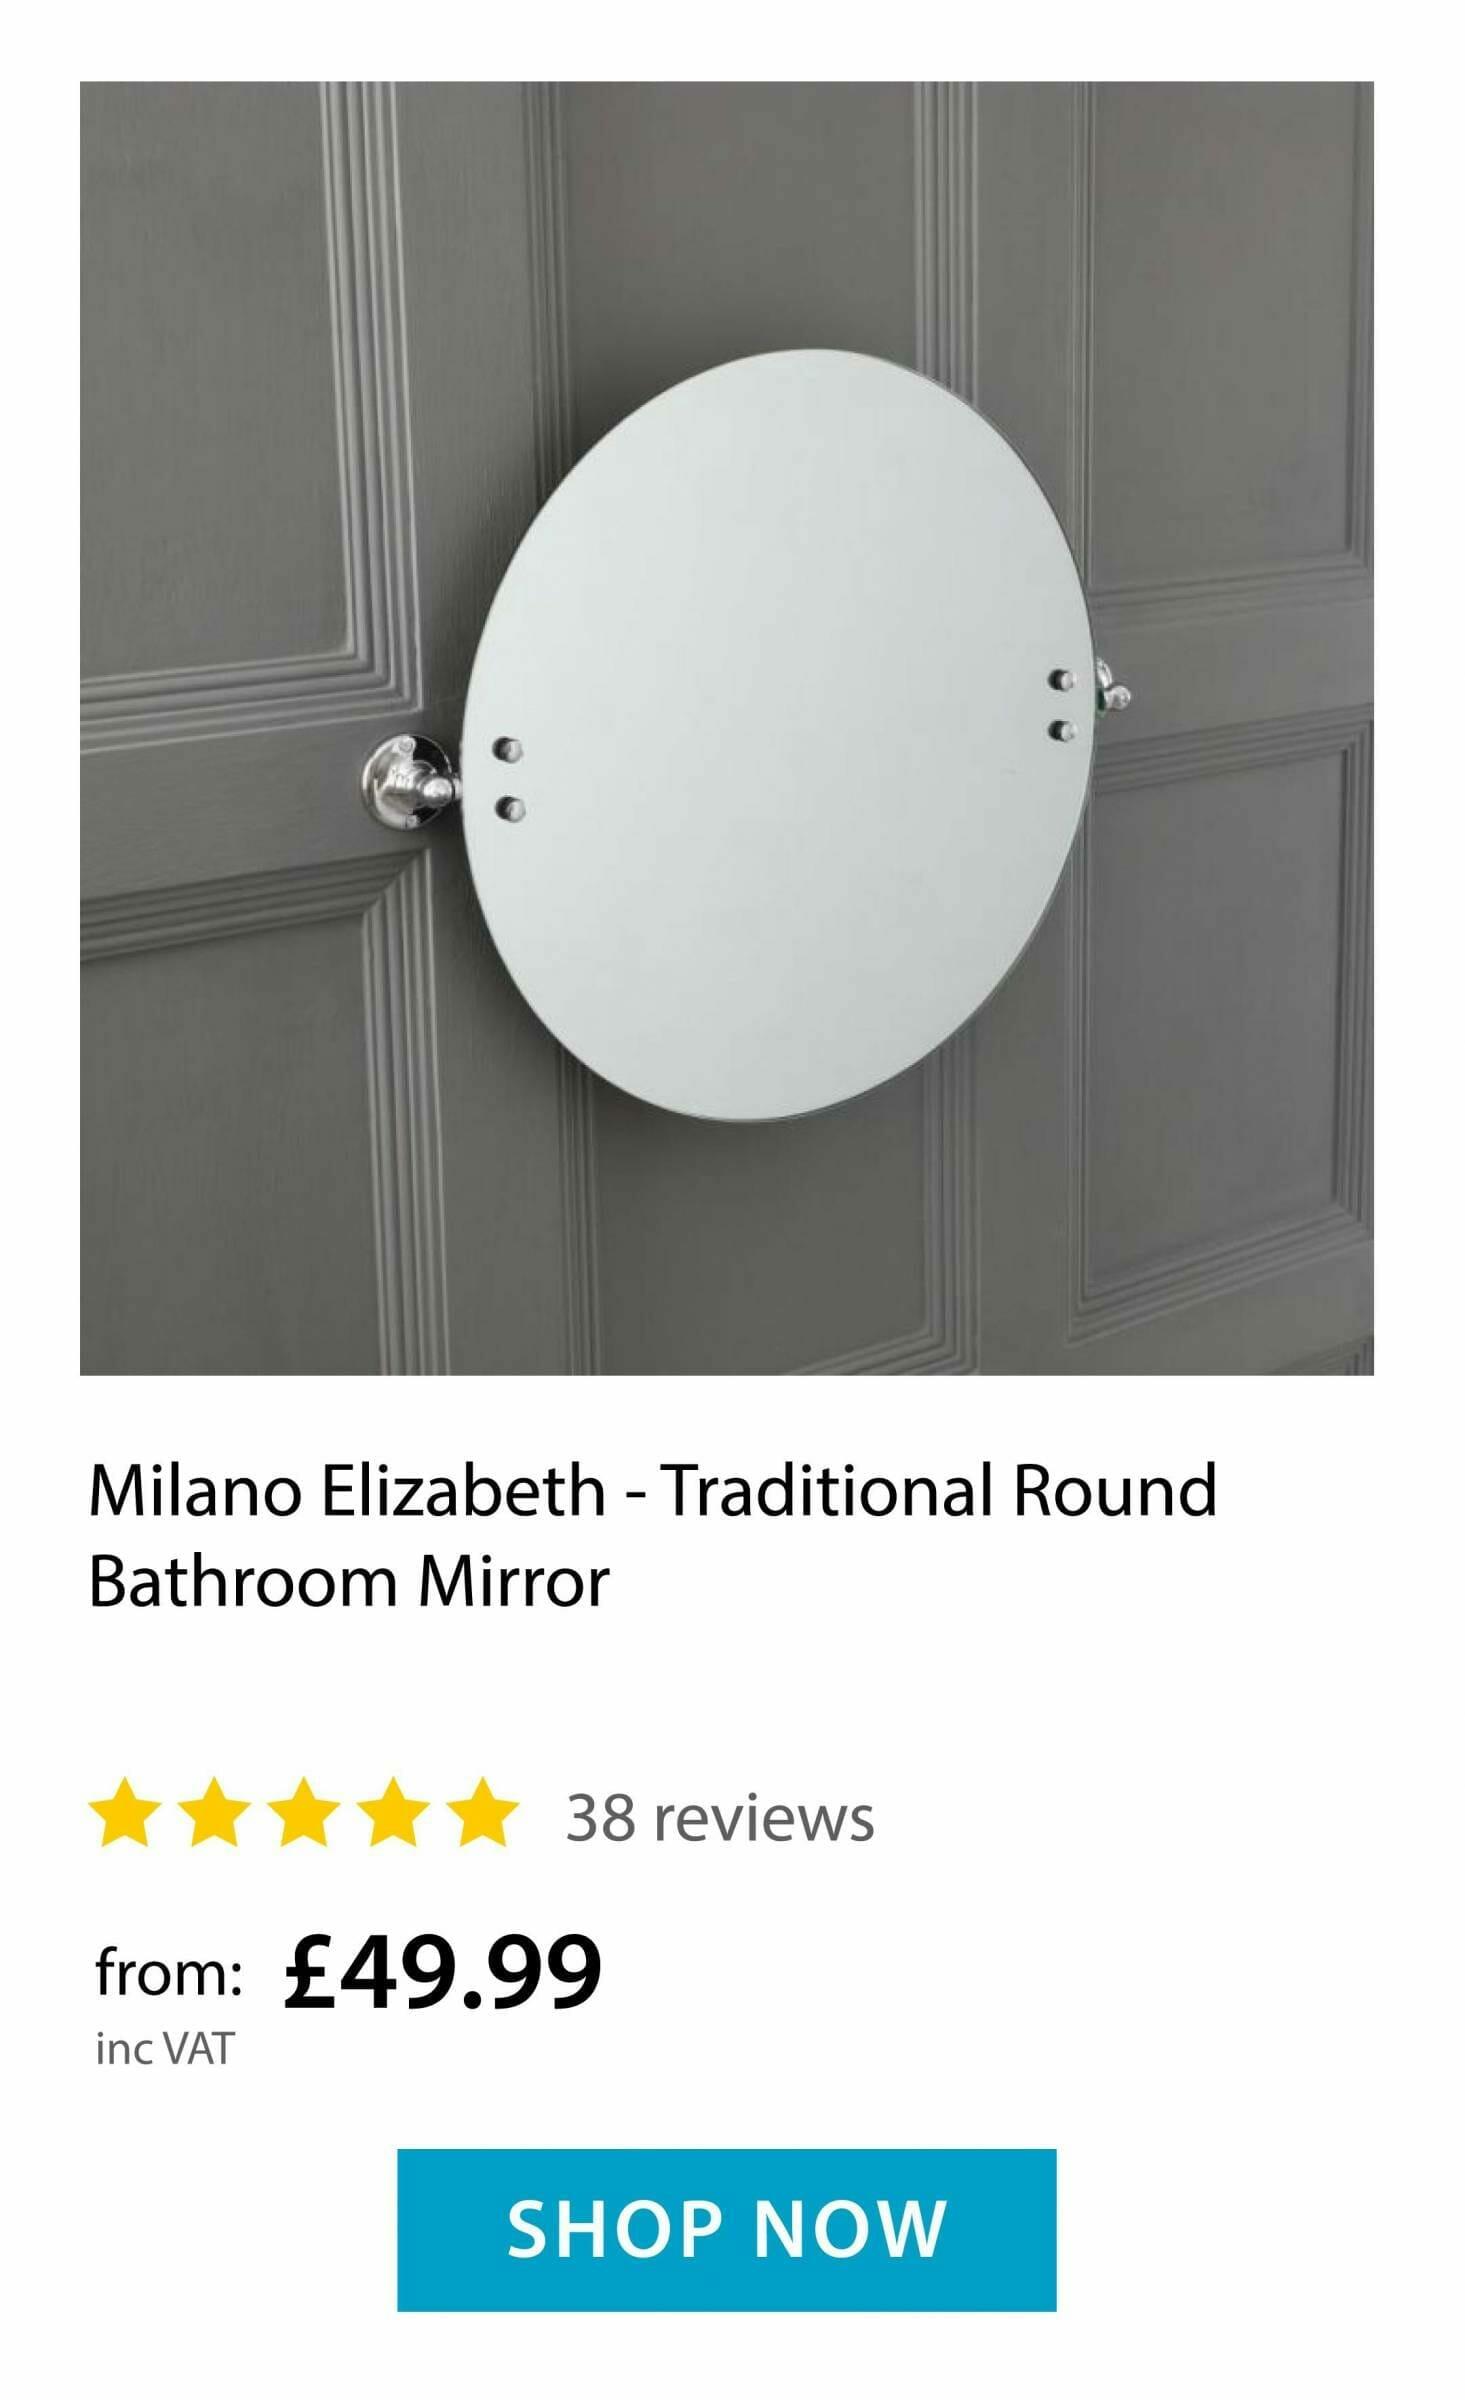 Milano Elizabeth Bathroom Mirror